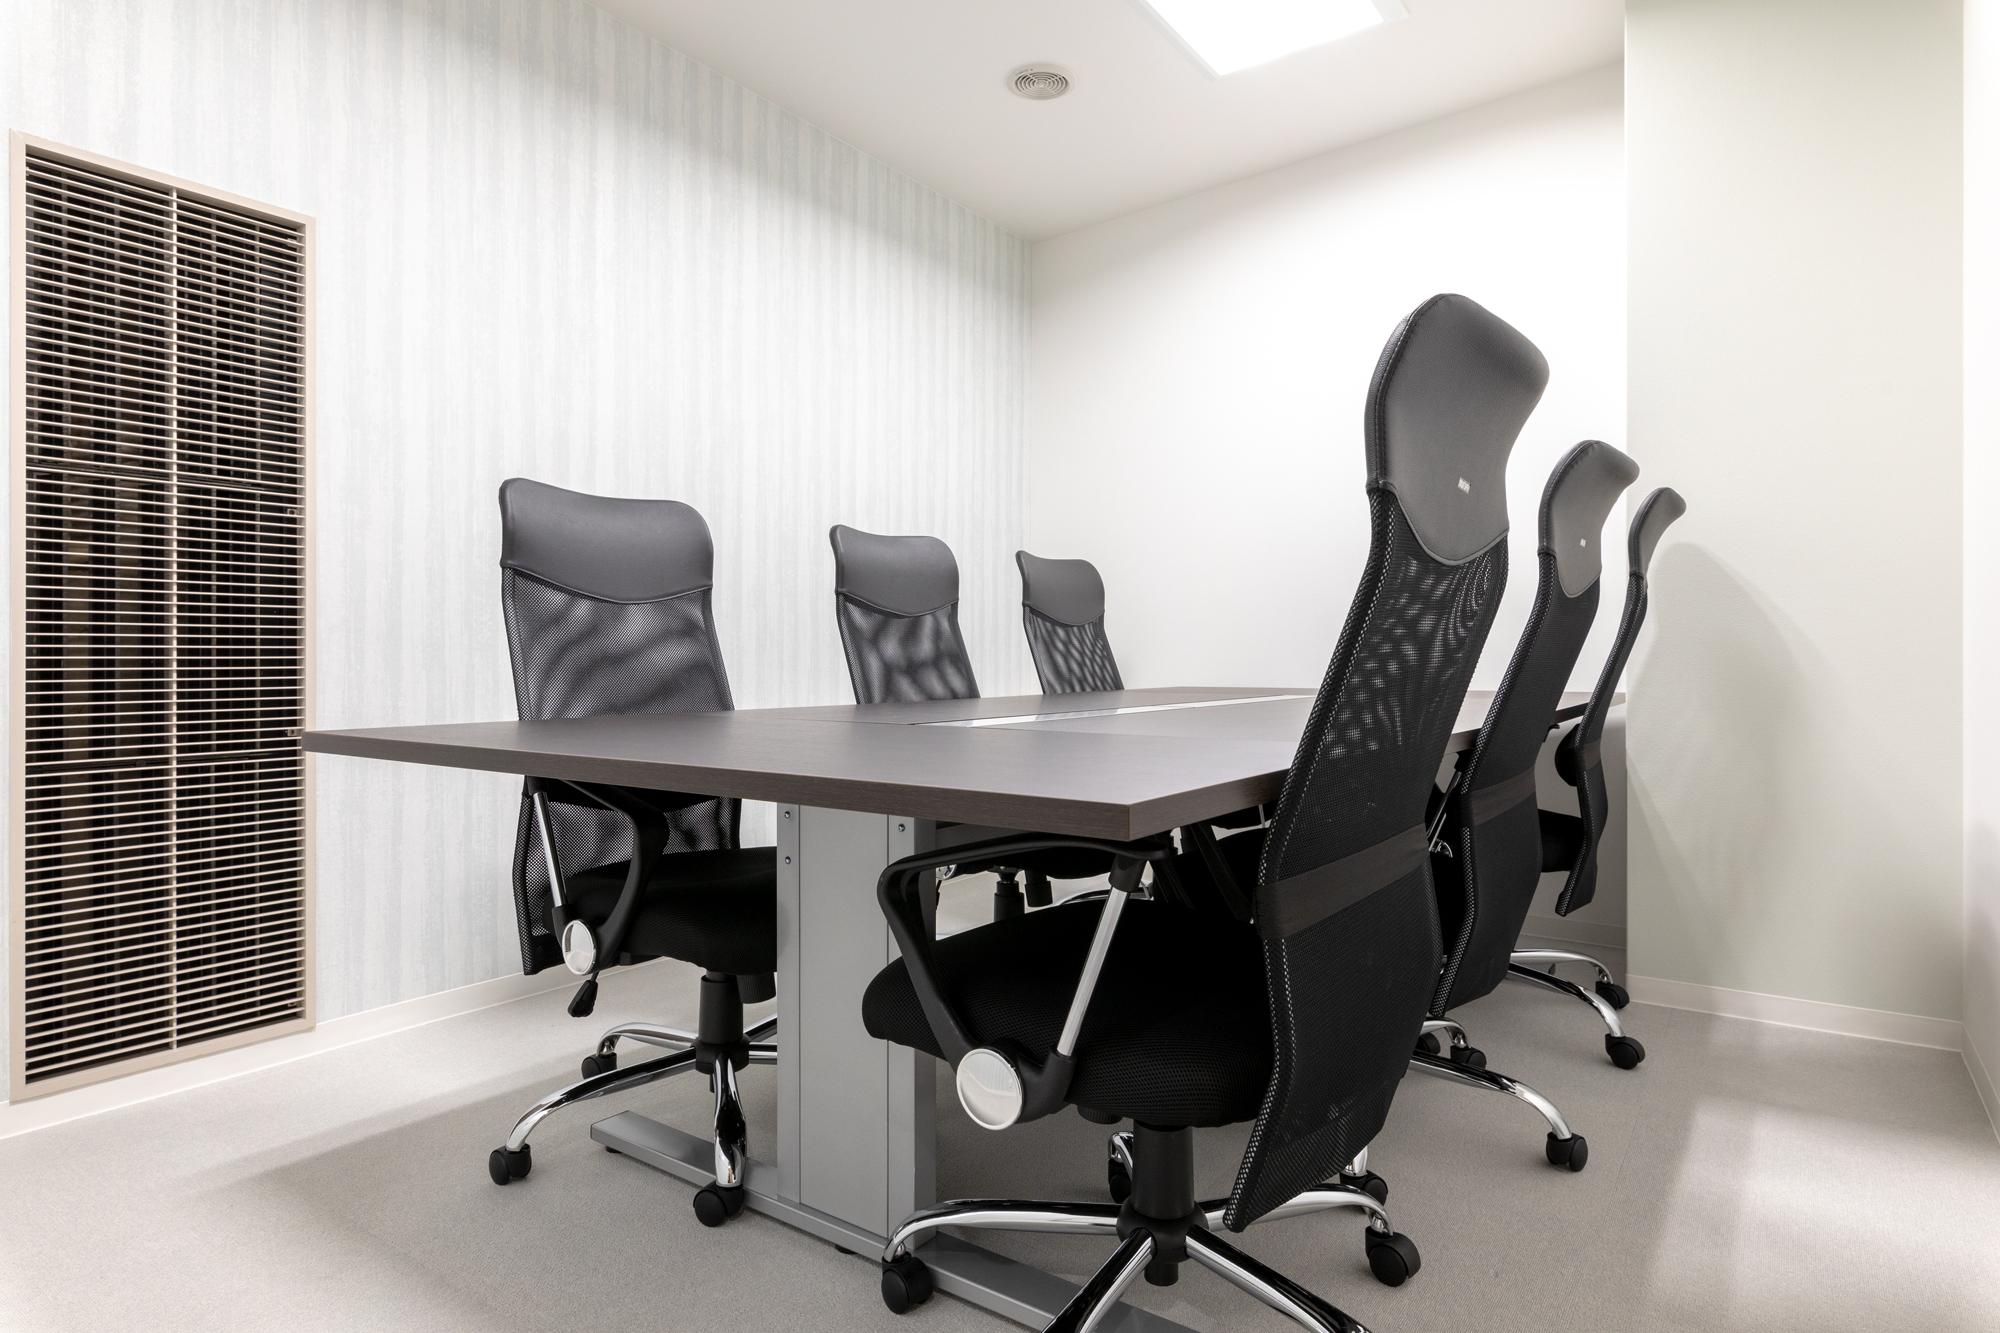 全国60拠点以上の会議室も使えるレンタルオフィス